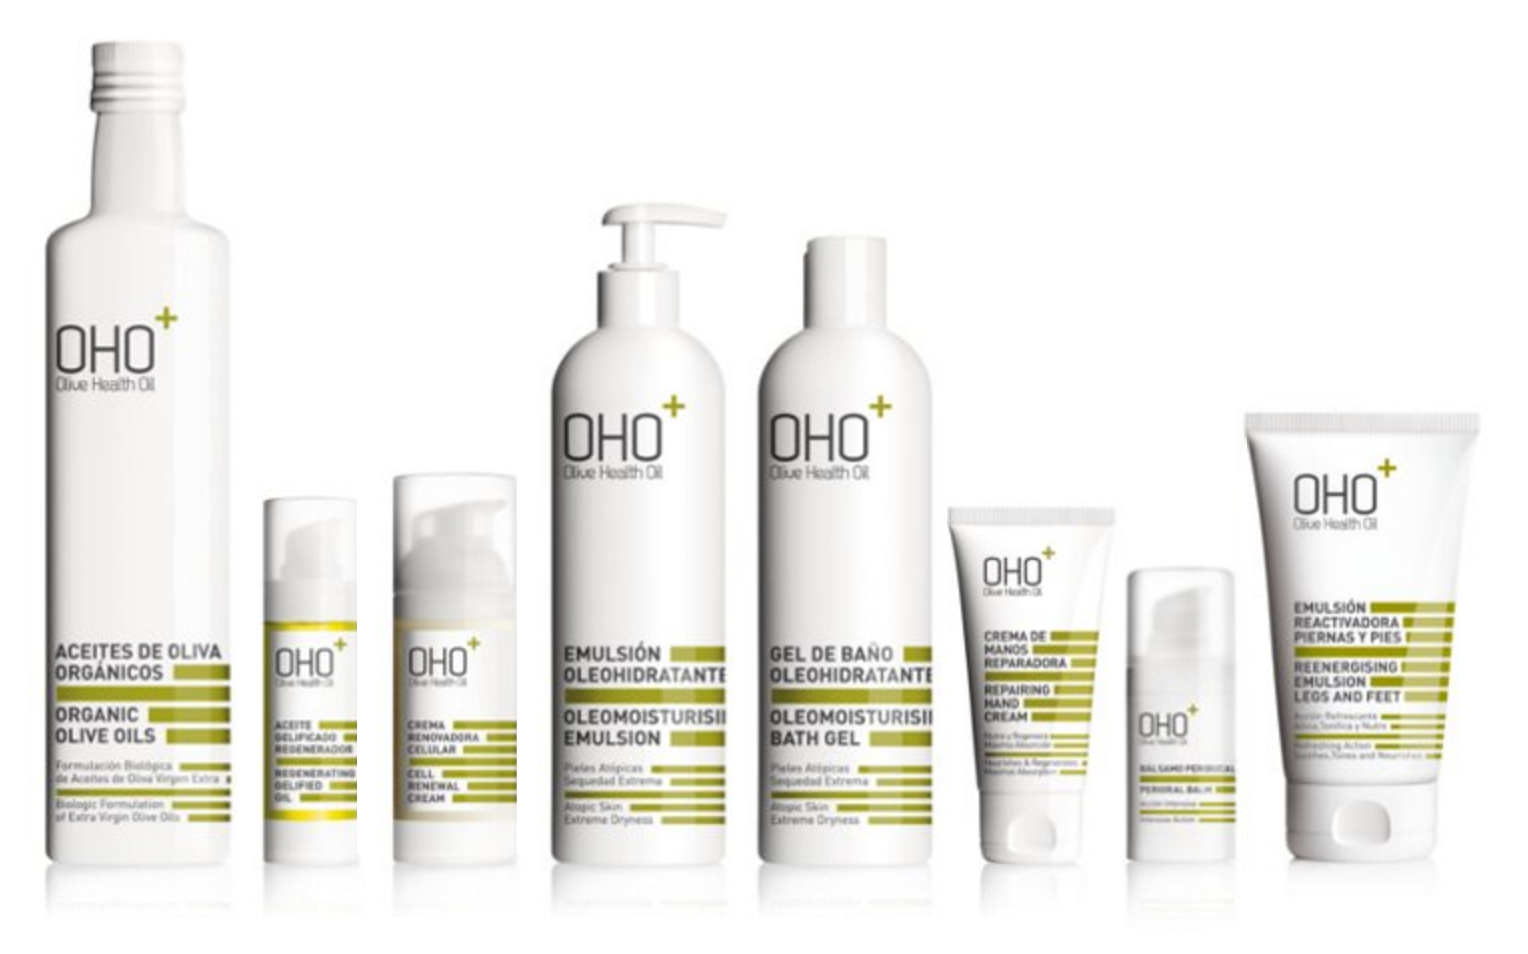 fórmula magistral de aceite de oliva beneficioso para la salud